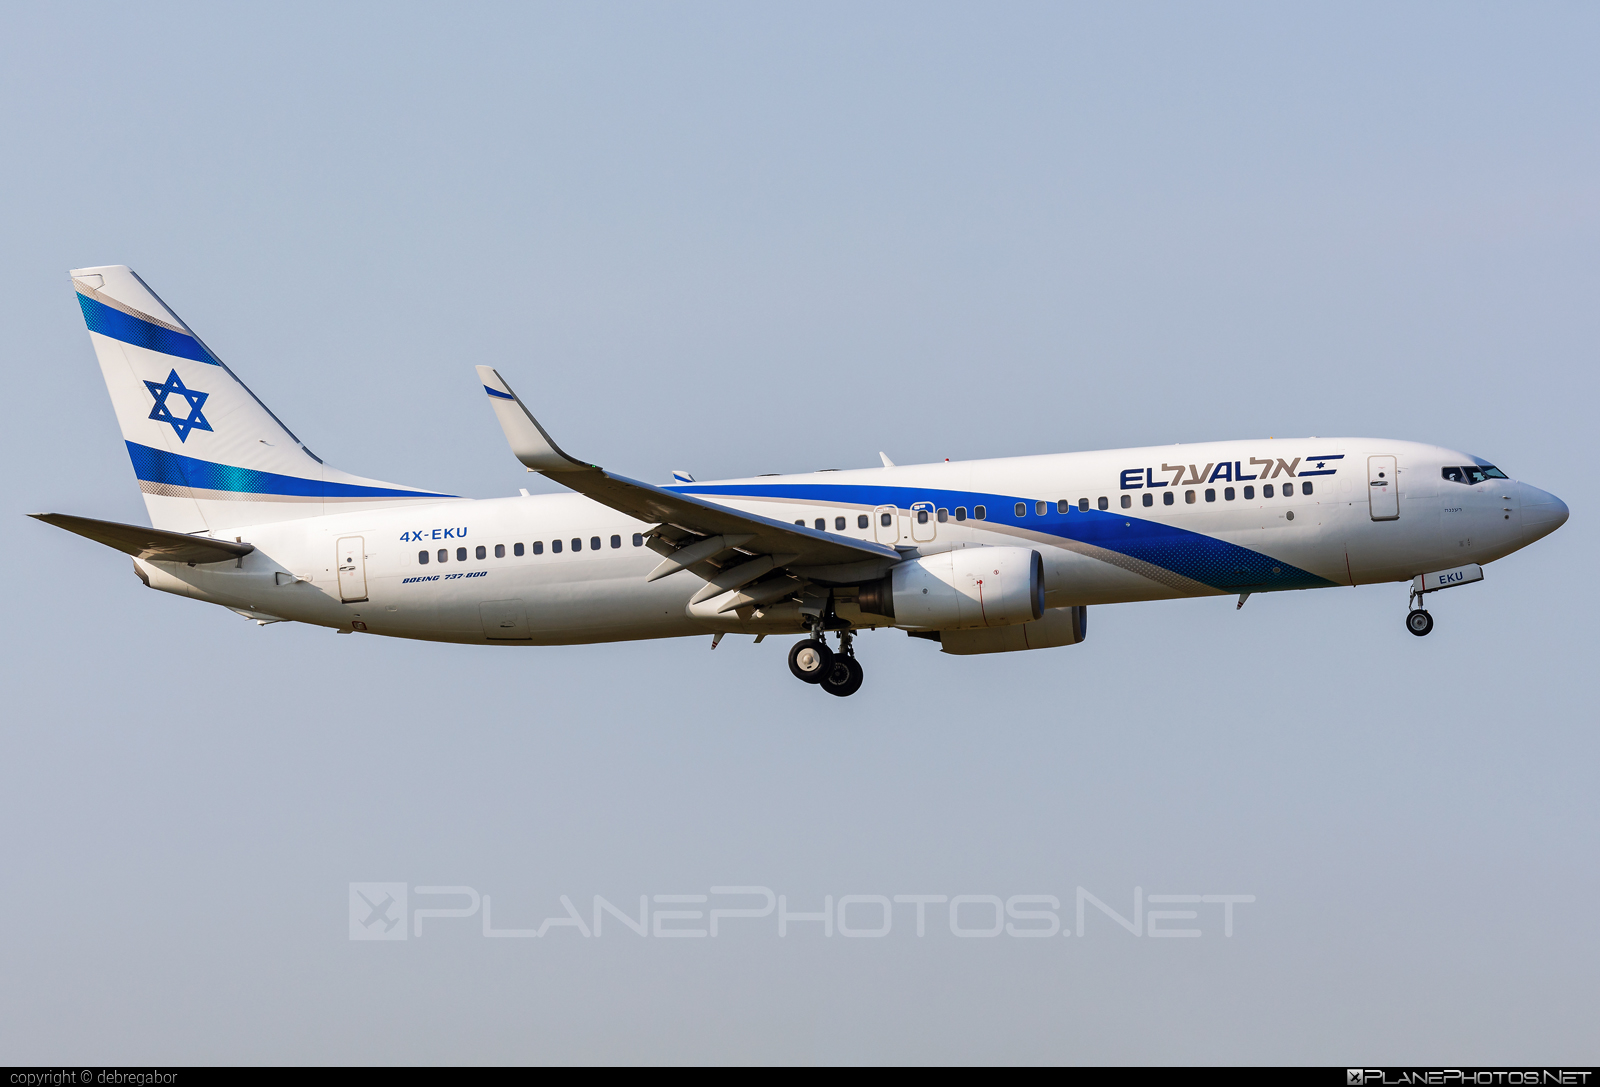 Boeing 737-800 - 4X-EKU operated by El Al Israel Airlines #b737 #b737nextgen #b737ng #boeing #boeing737 #elal #elalisraelairlines #israelairlines